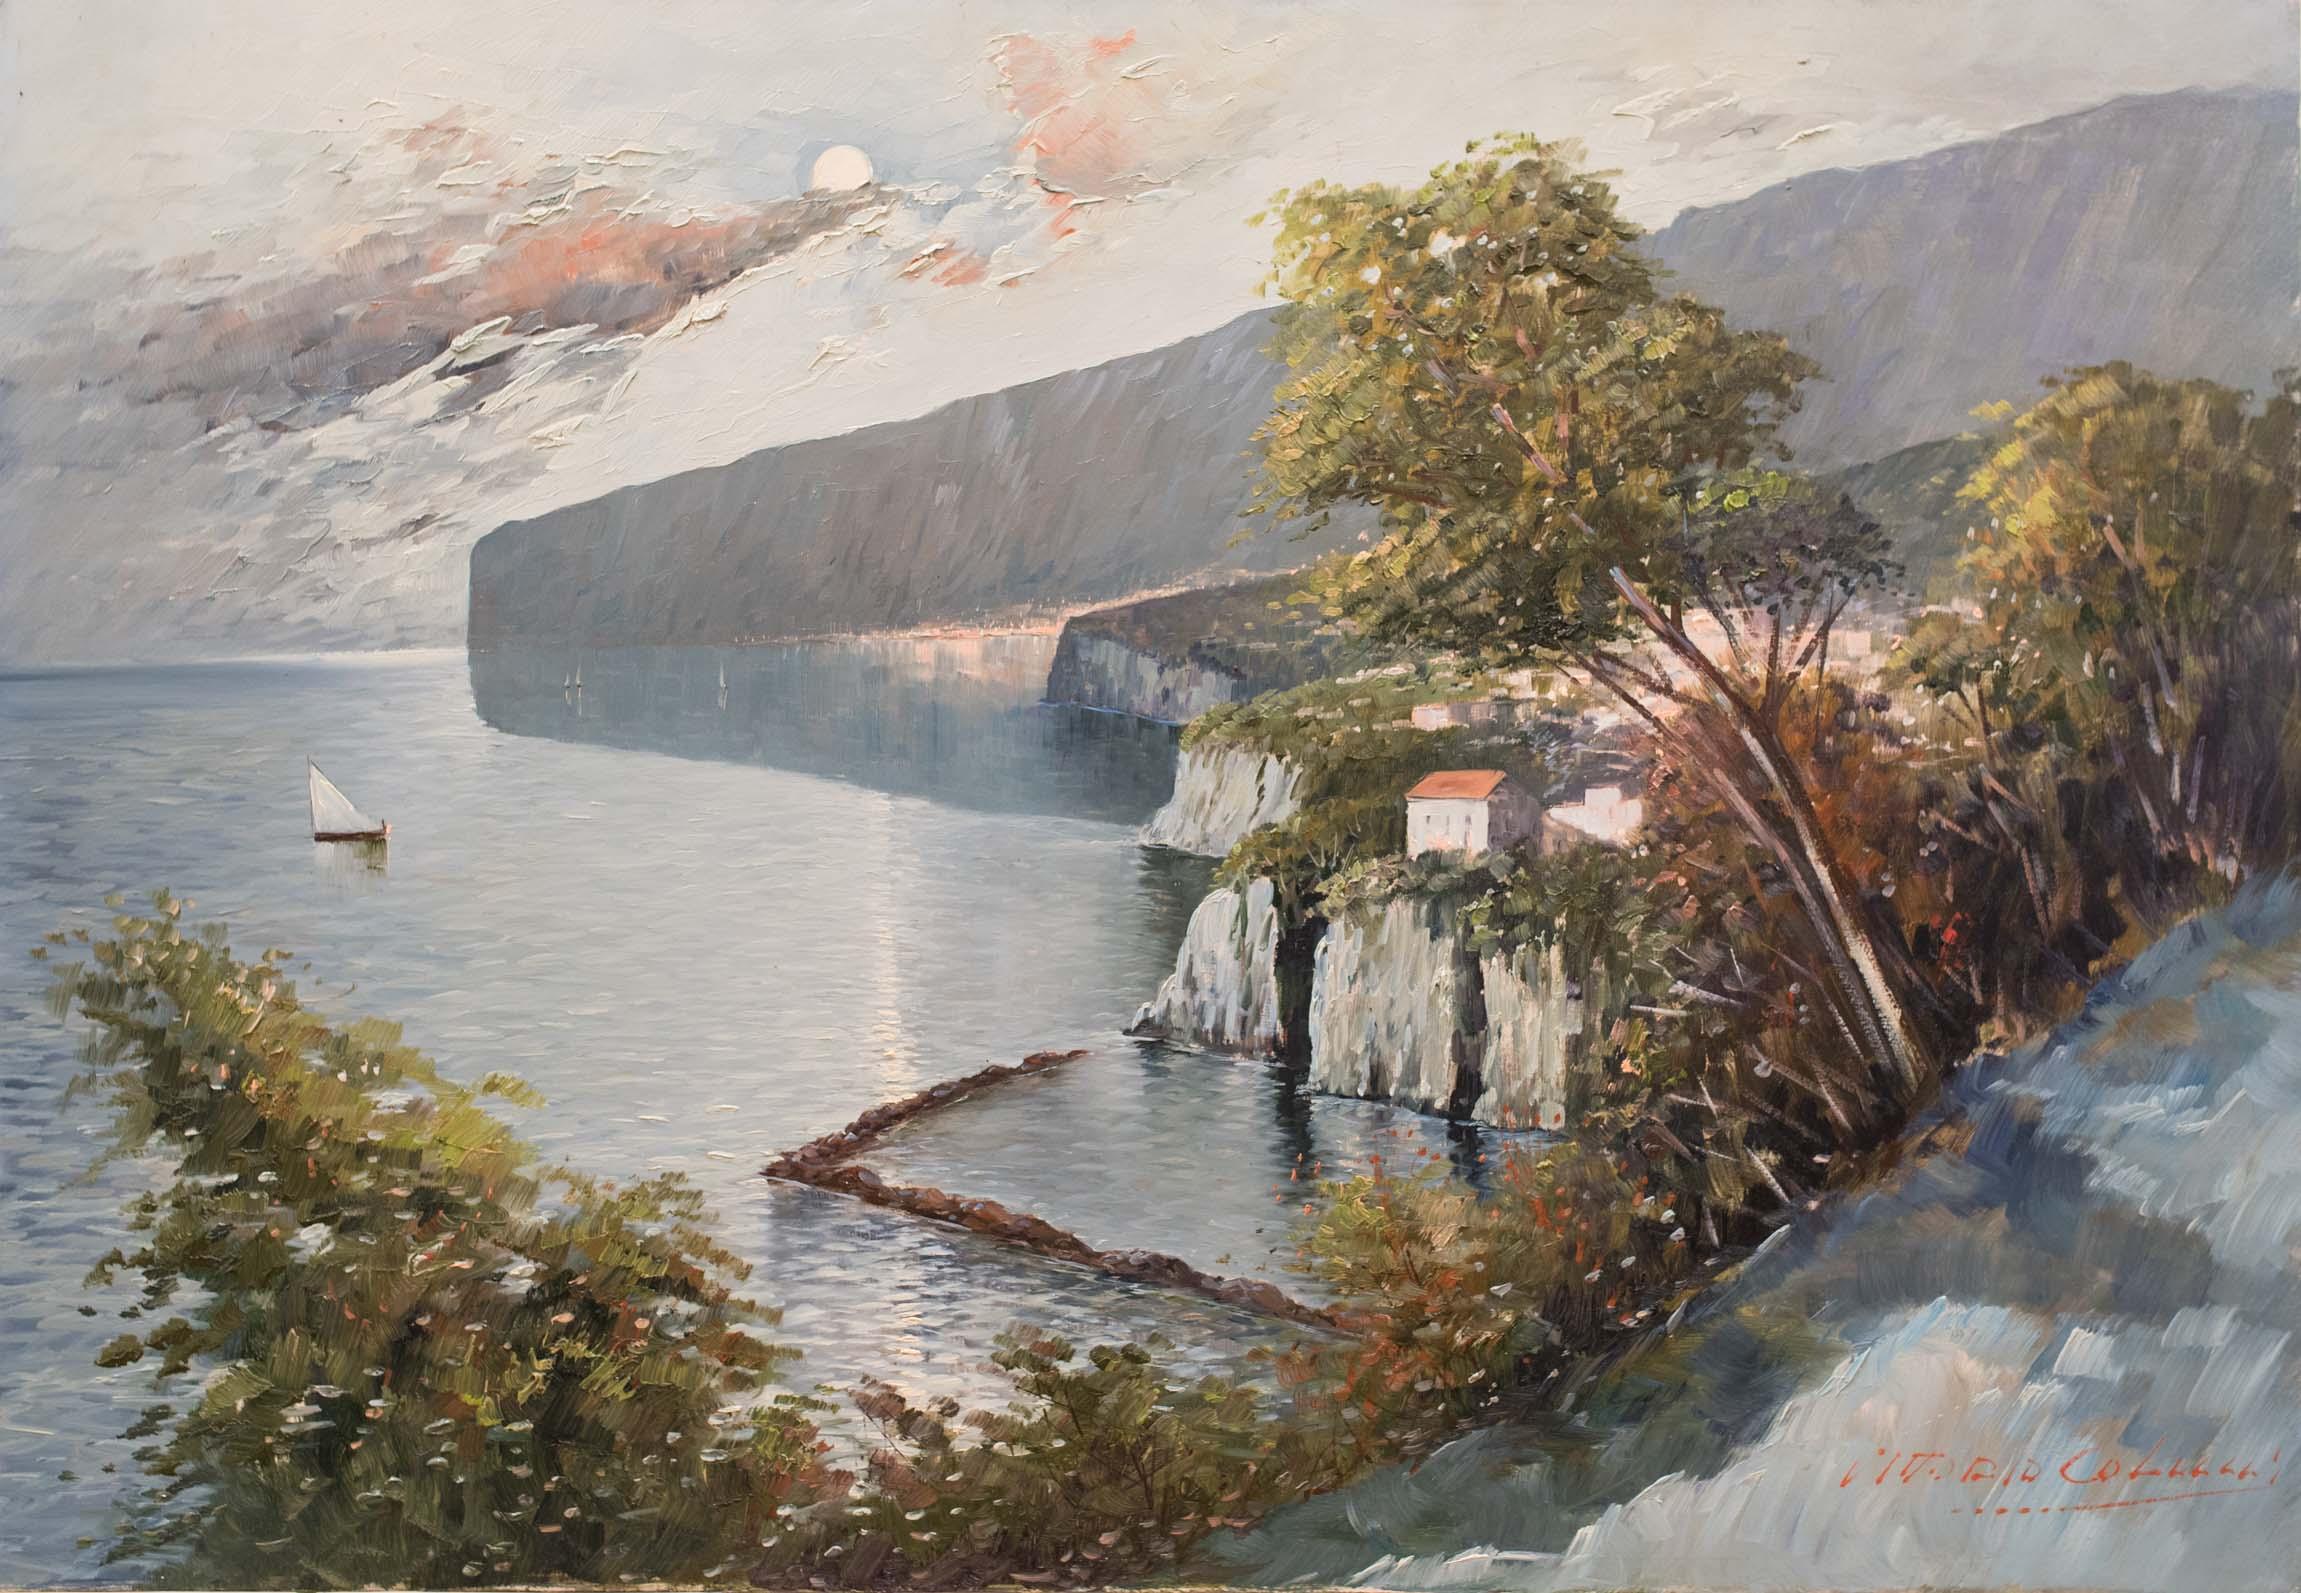 Vittorio Colucci cm 70x100 marina olio su tela